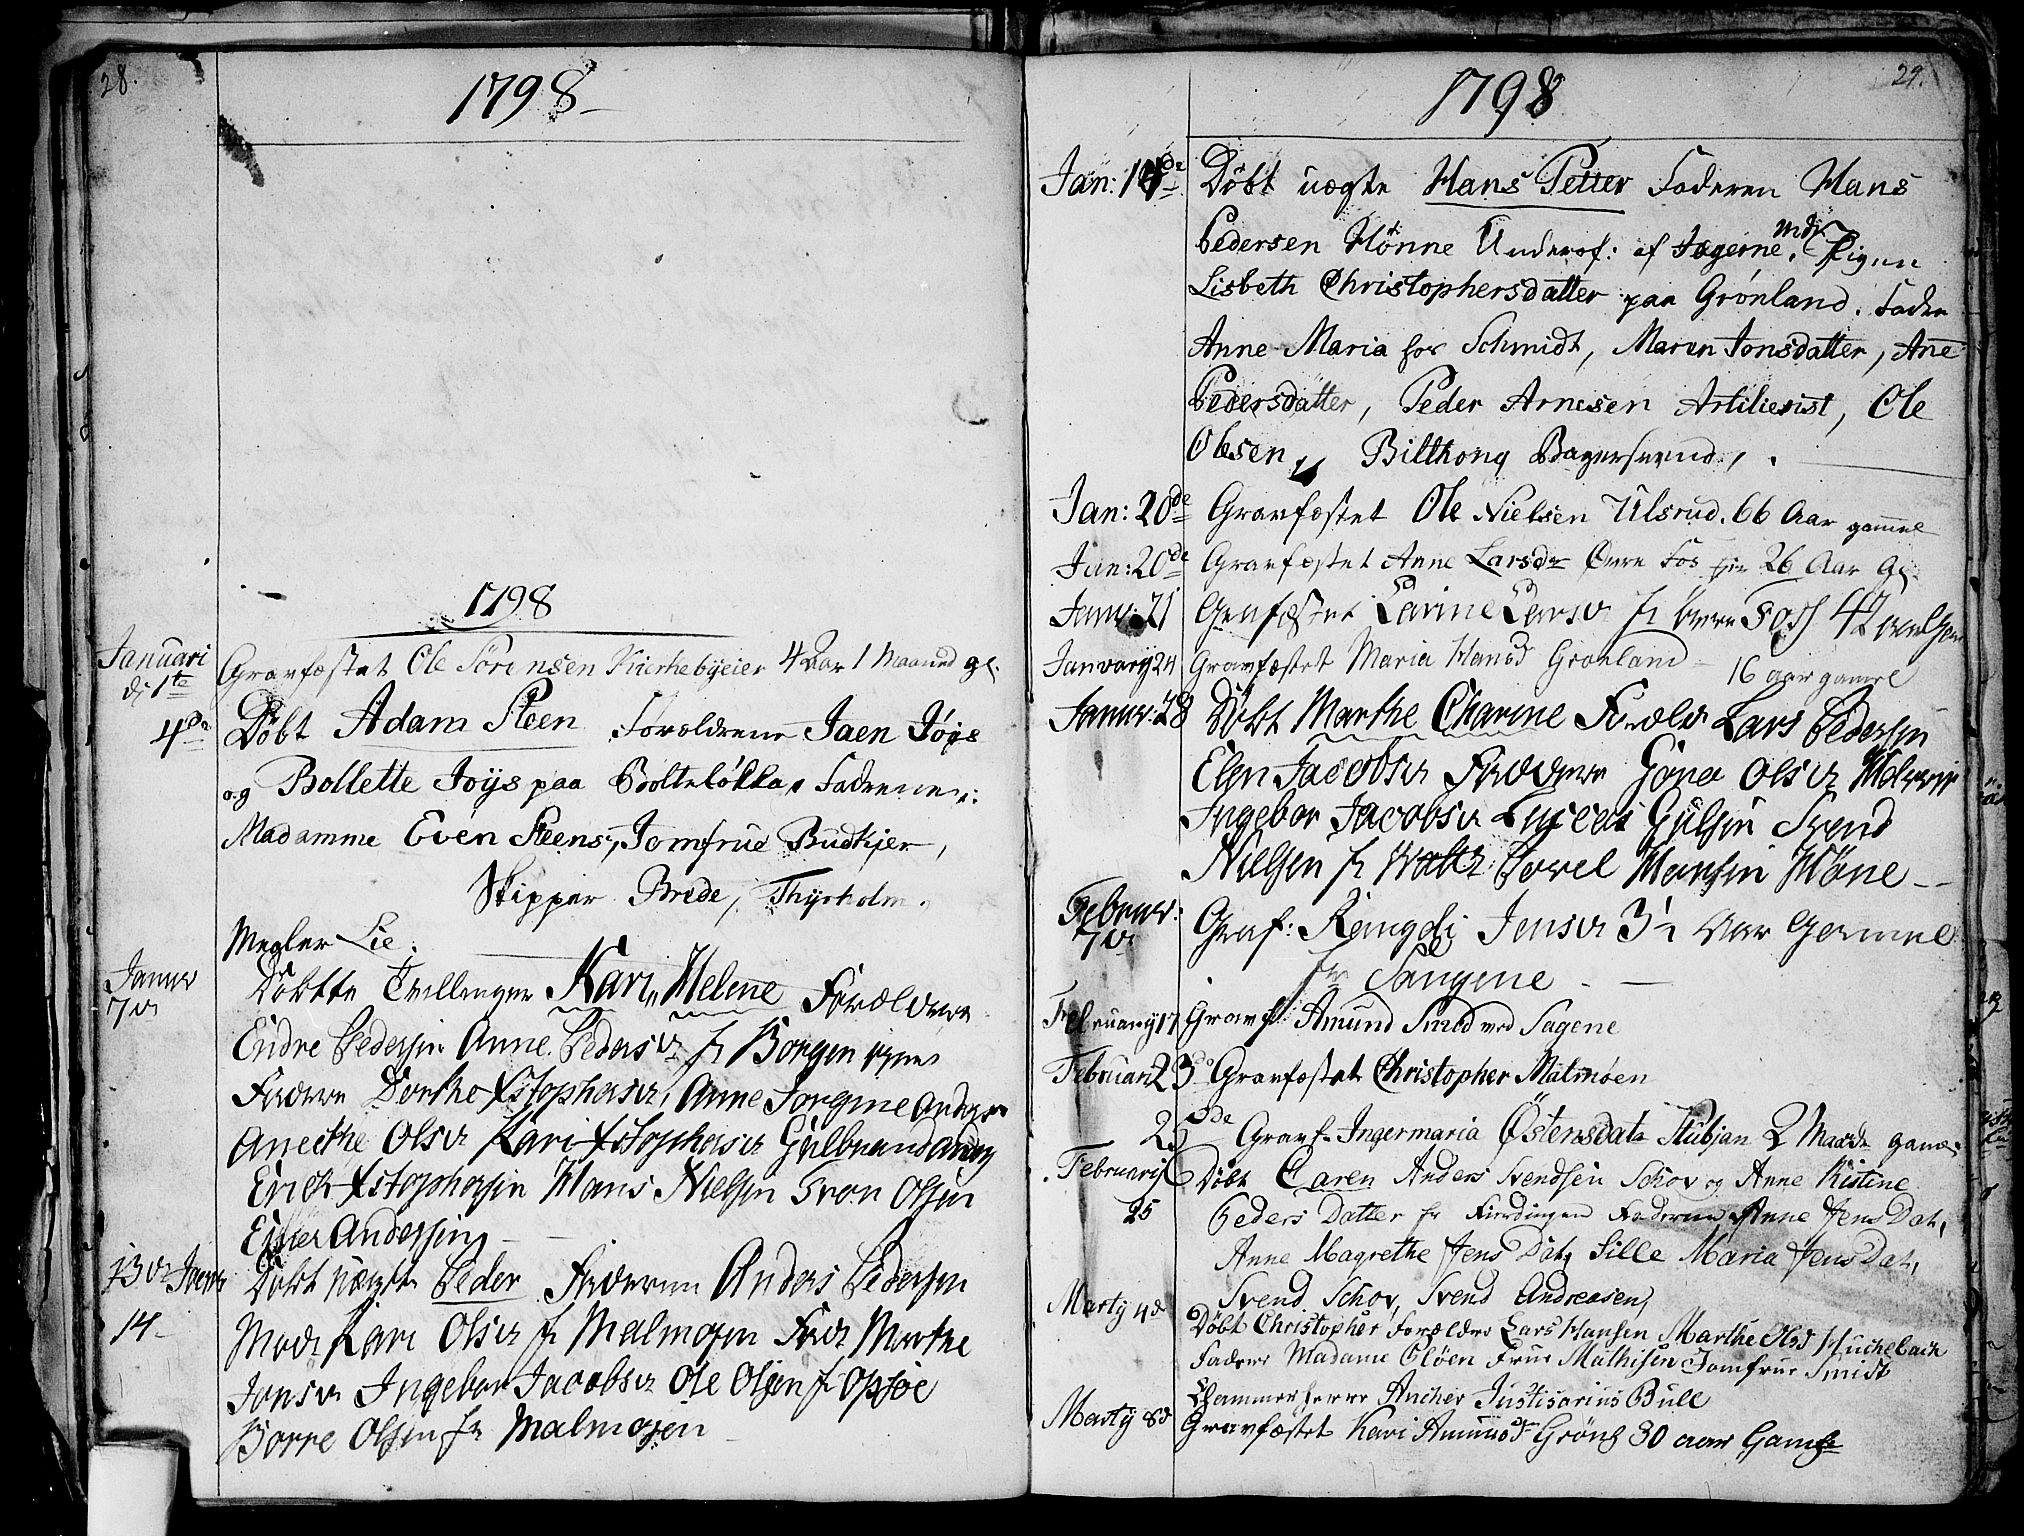 SAO, Aker prestekontor kirkebøker, G/L0001: Klokkerbok nr. 1, 1796-1826, s. 28-29